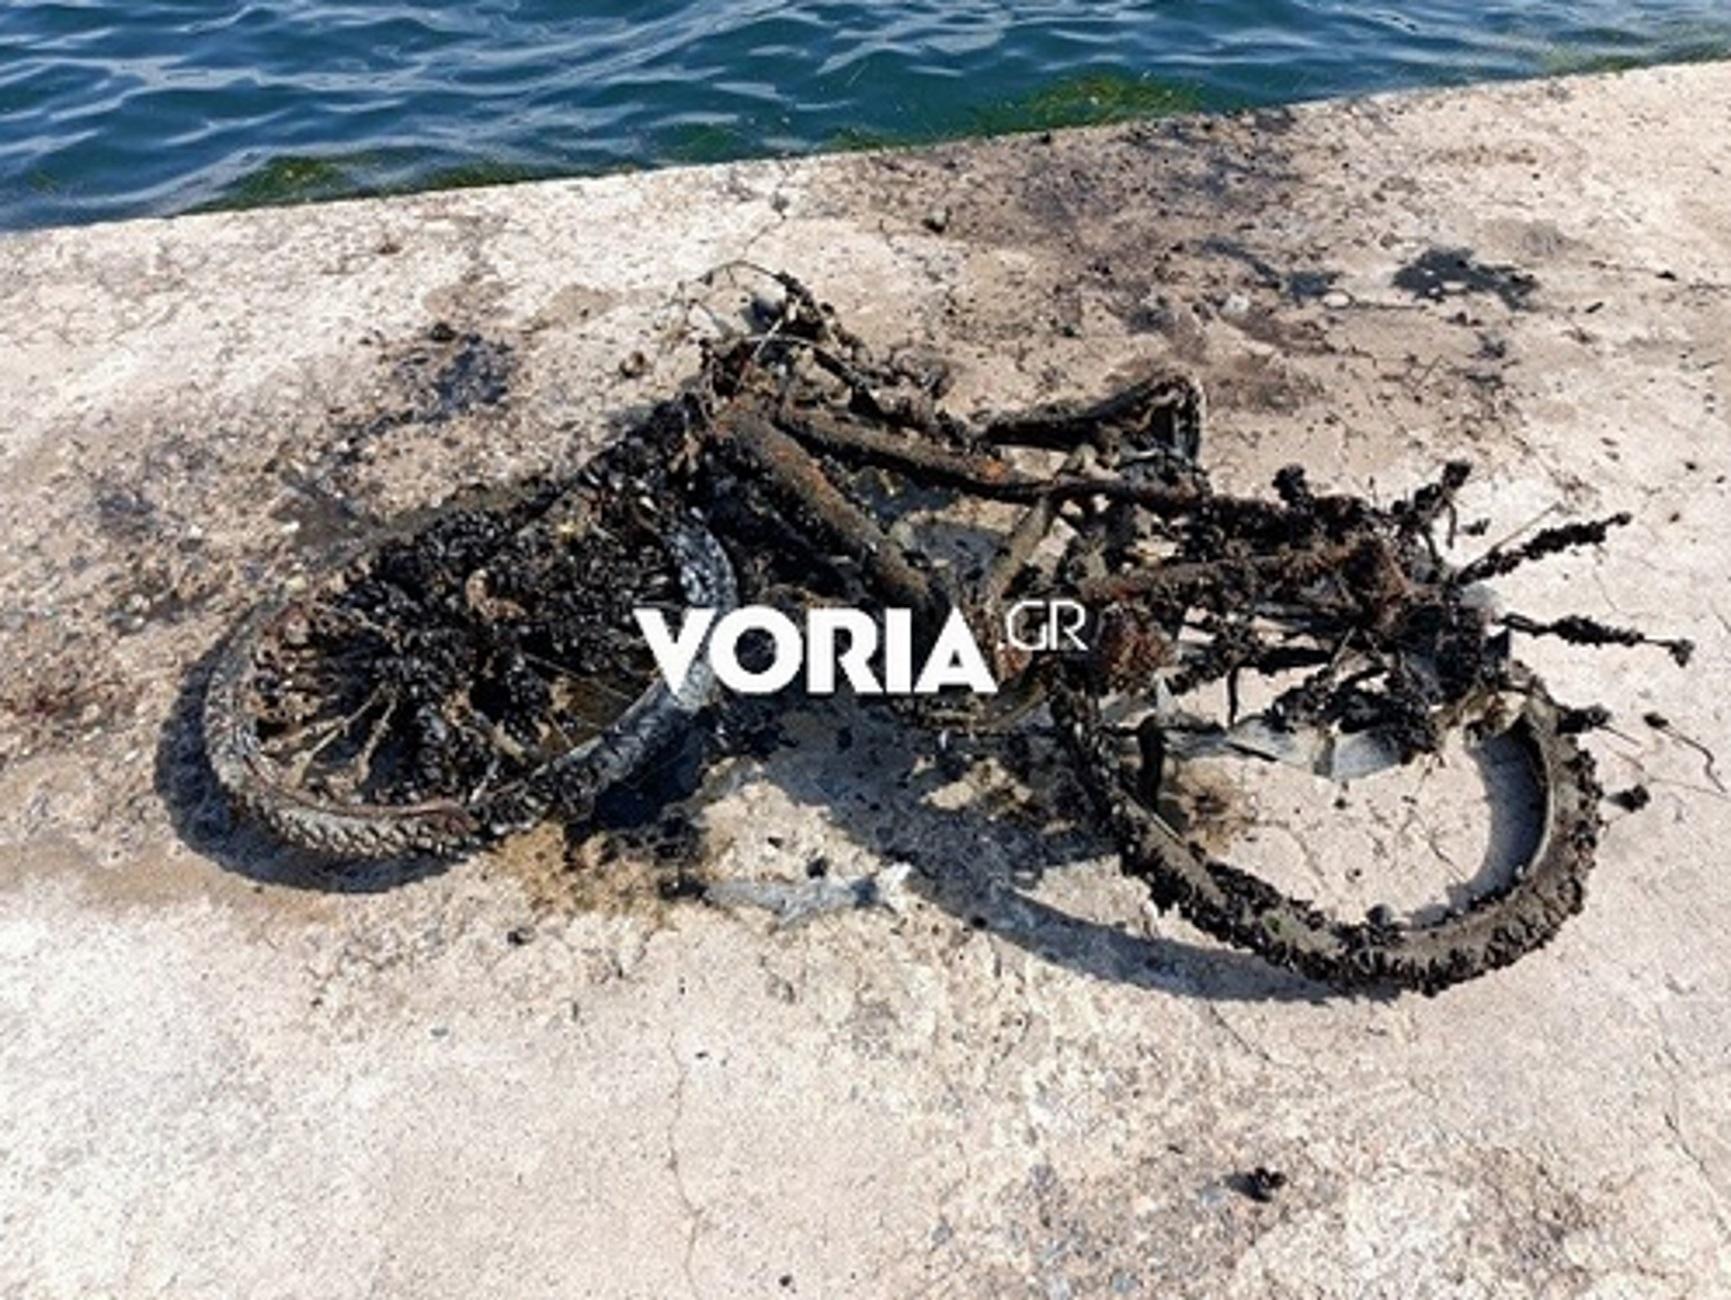 Θεσσαλονίκη: Απίστευτο αλλά «ψάρεψαν» και τρία μηχανάκια μέσα στη θάλασσα του Θερμαϊκού